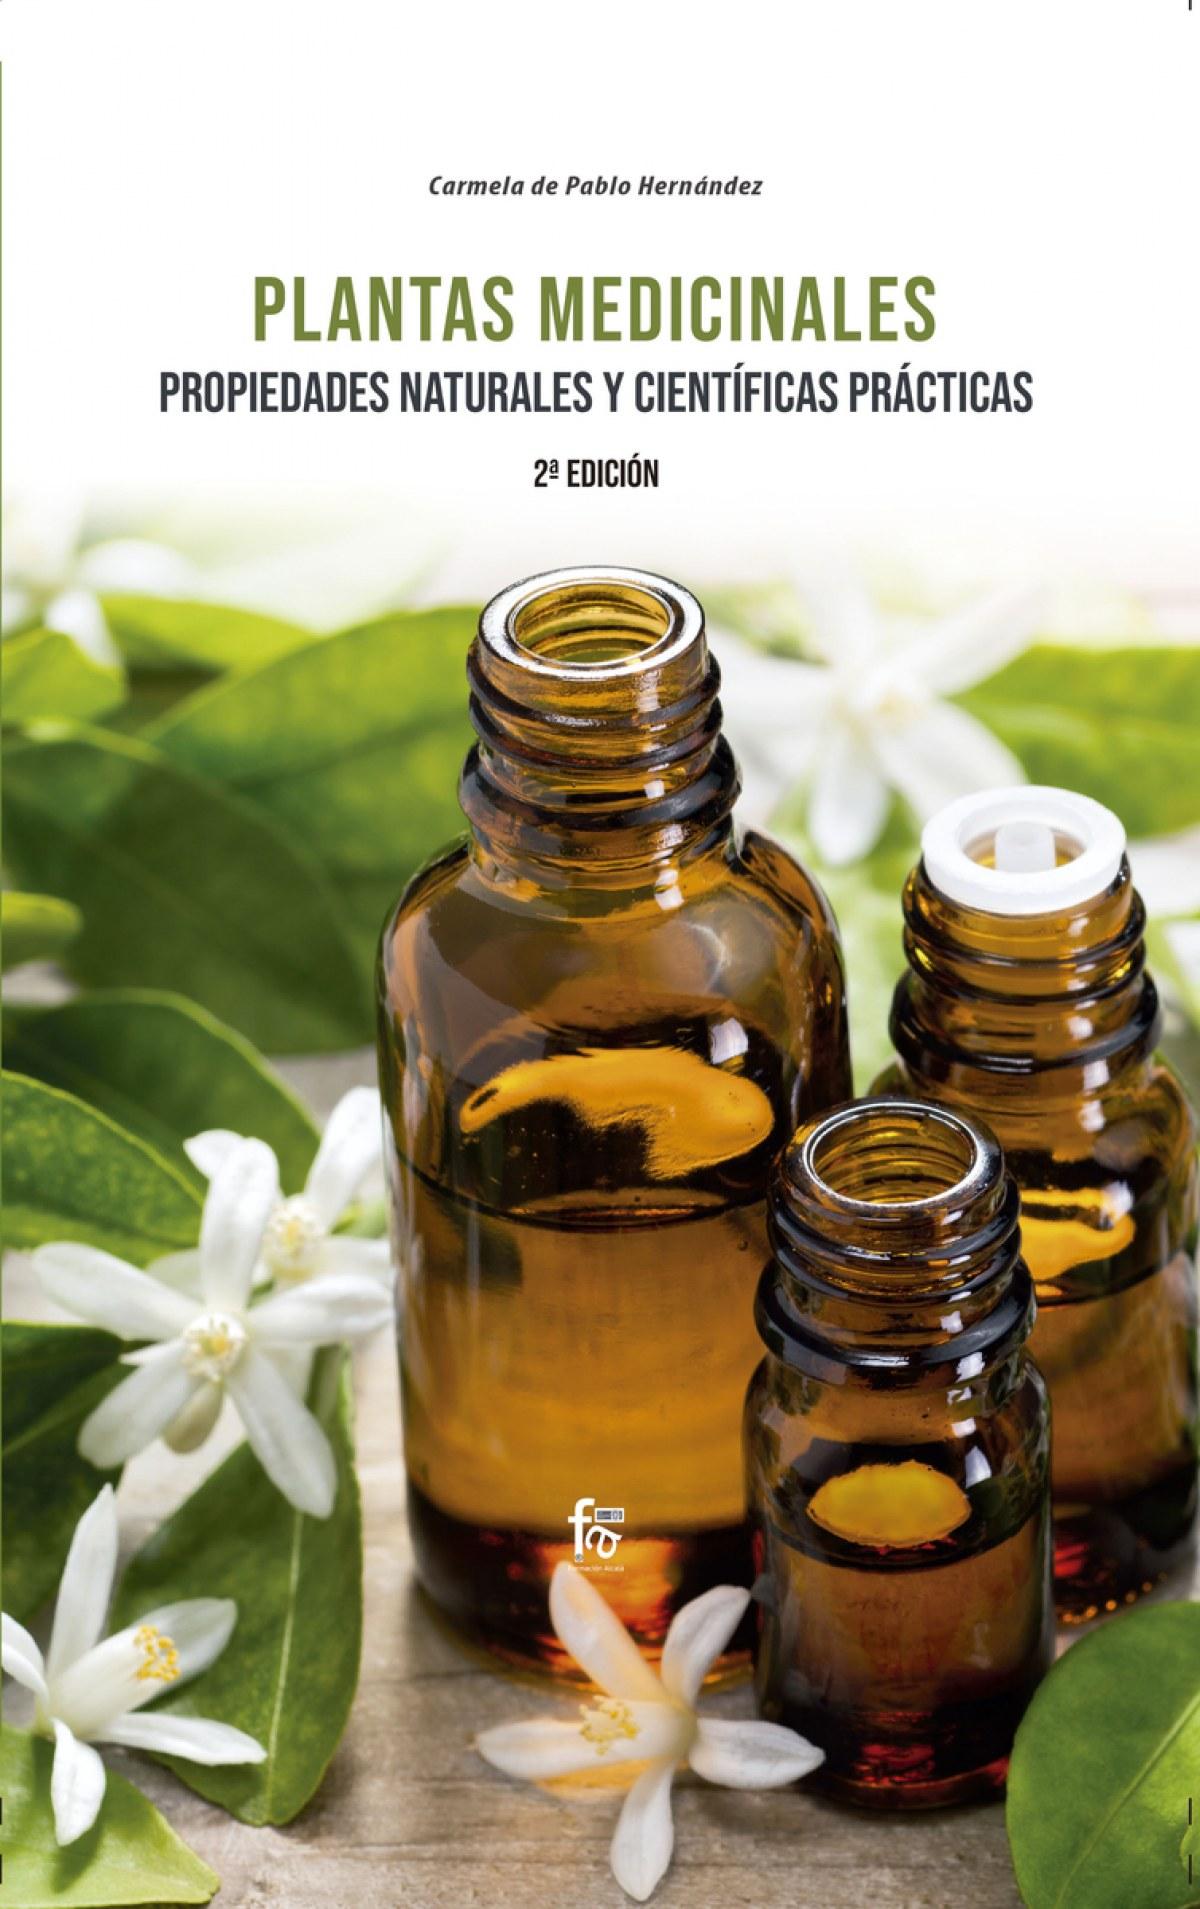 PLANTAS MEDICINALES. PROPIEDADES NATURALES Y